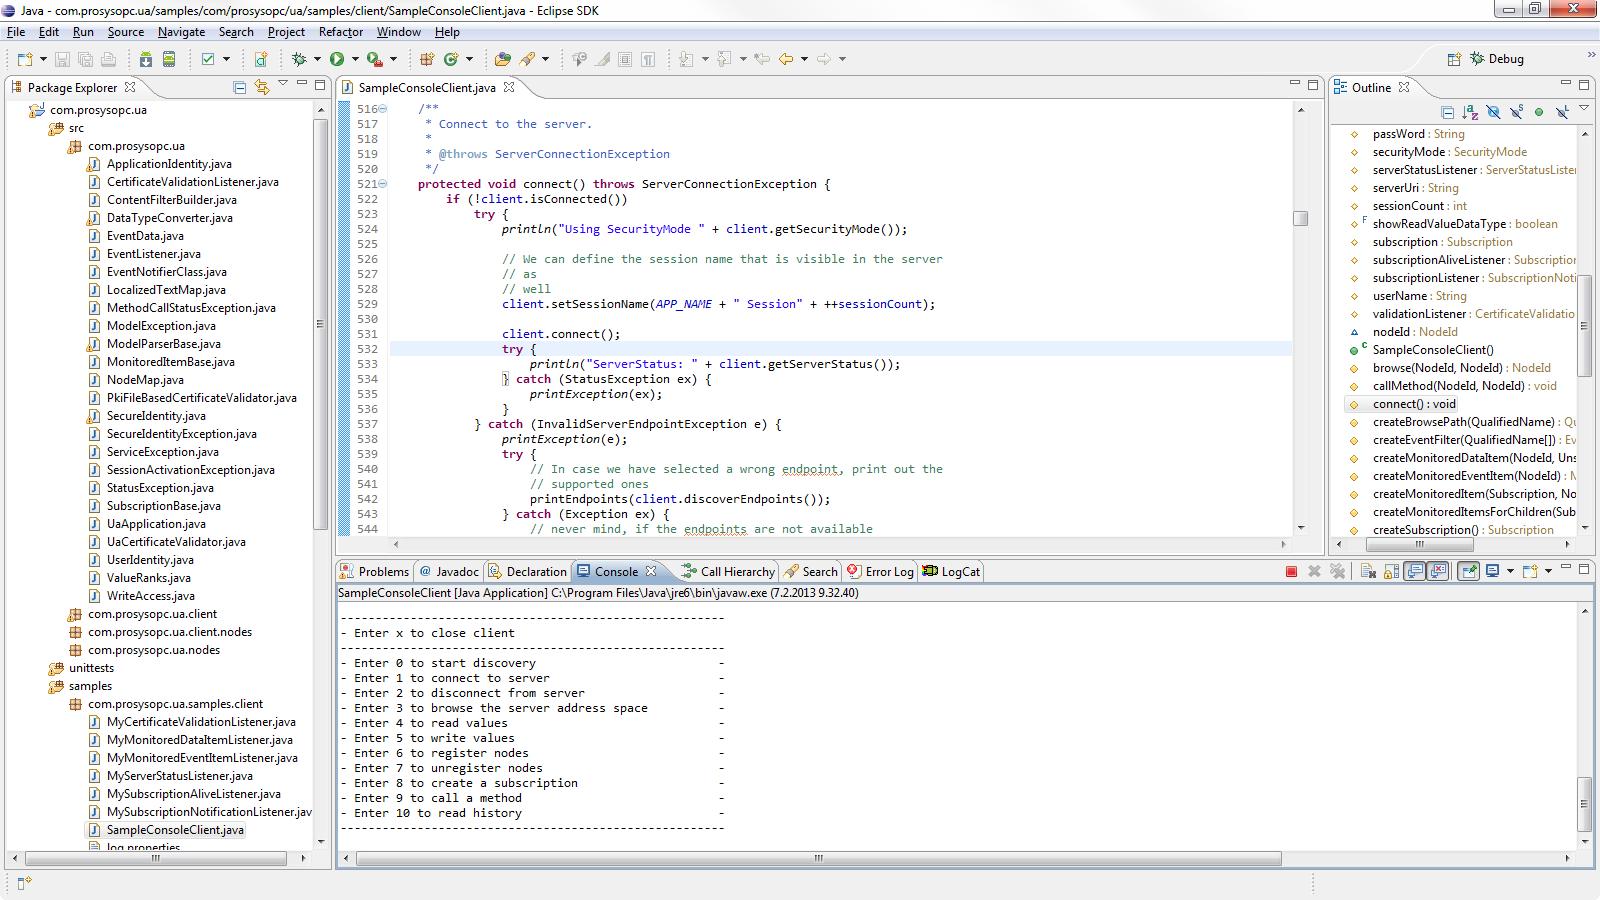 javasdk-screen1